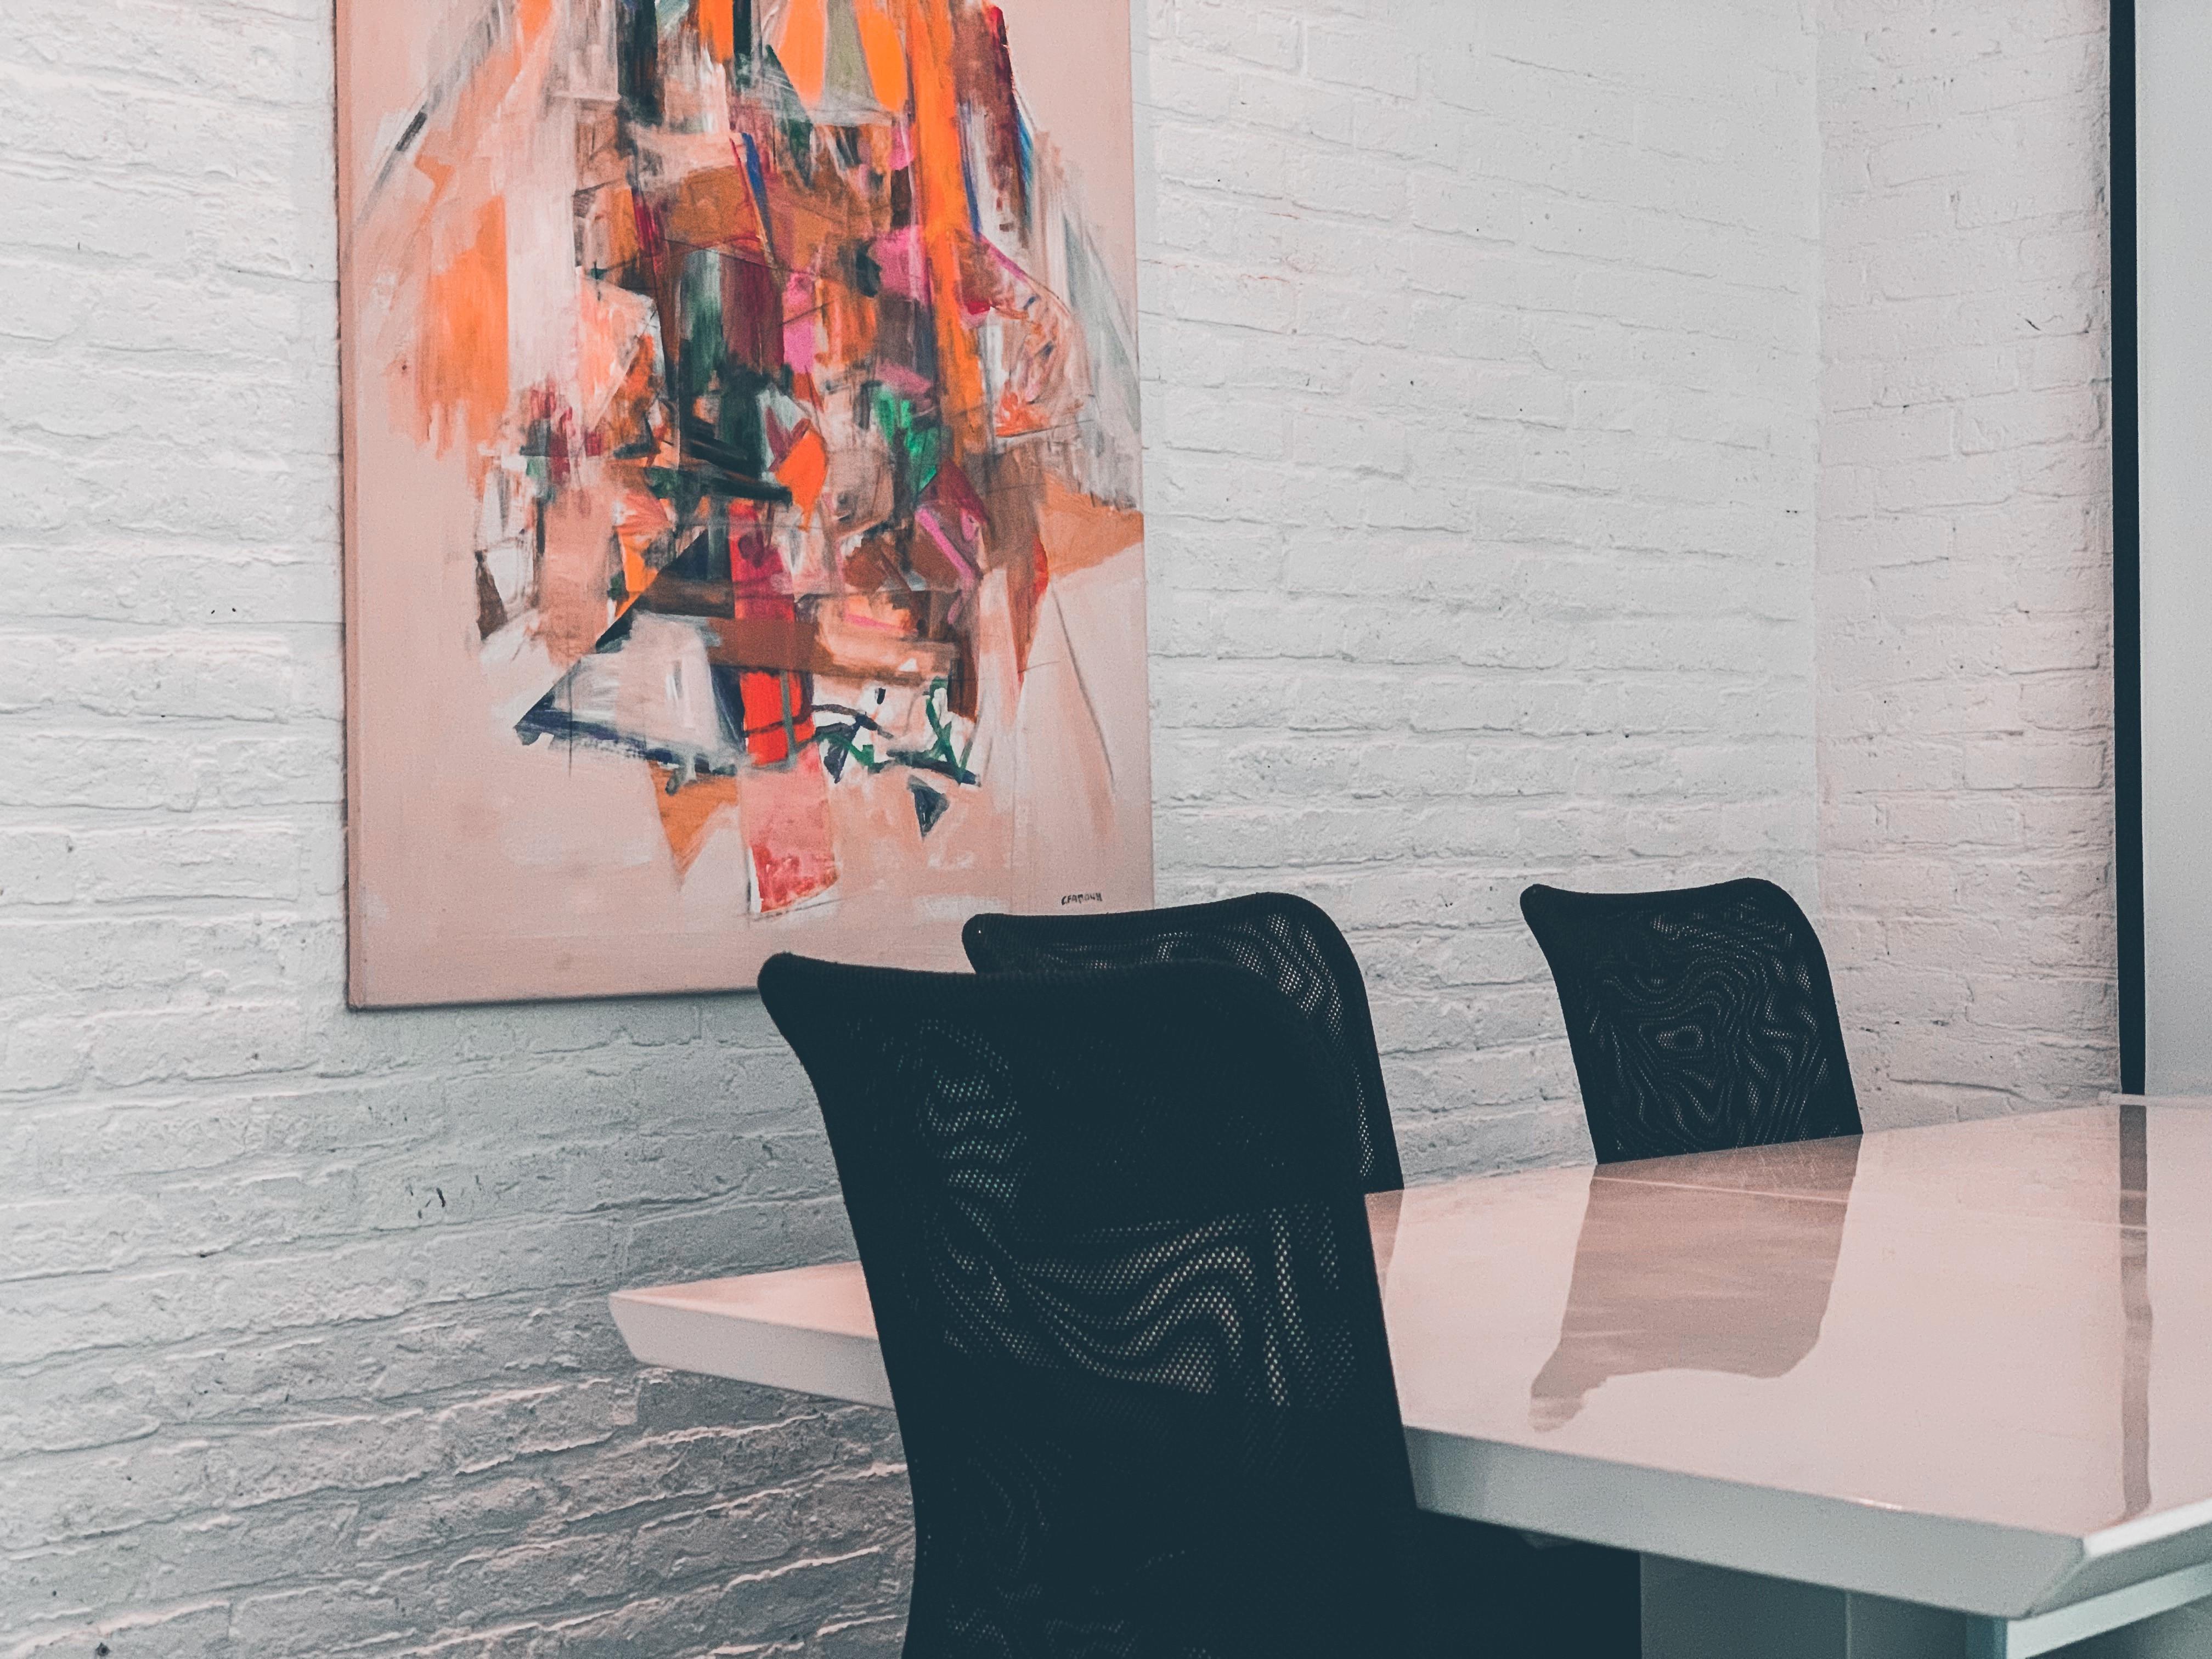 Meeting Room (C-side)